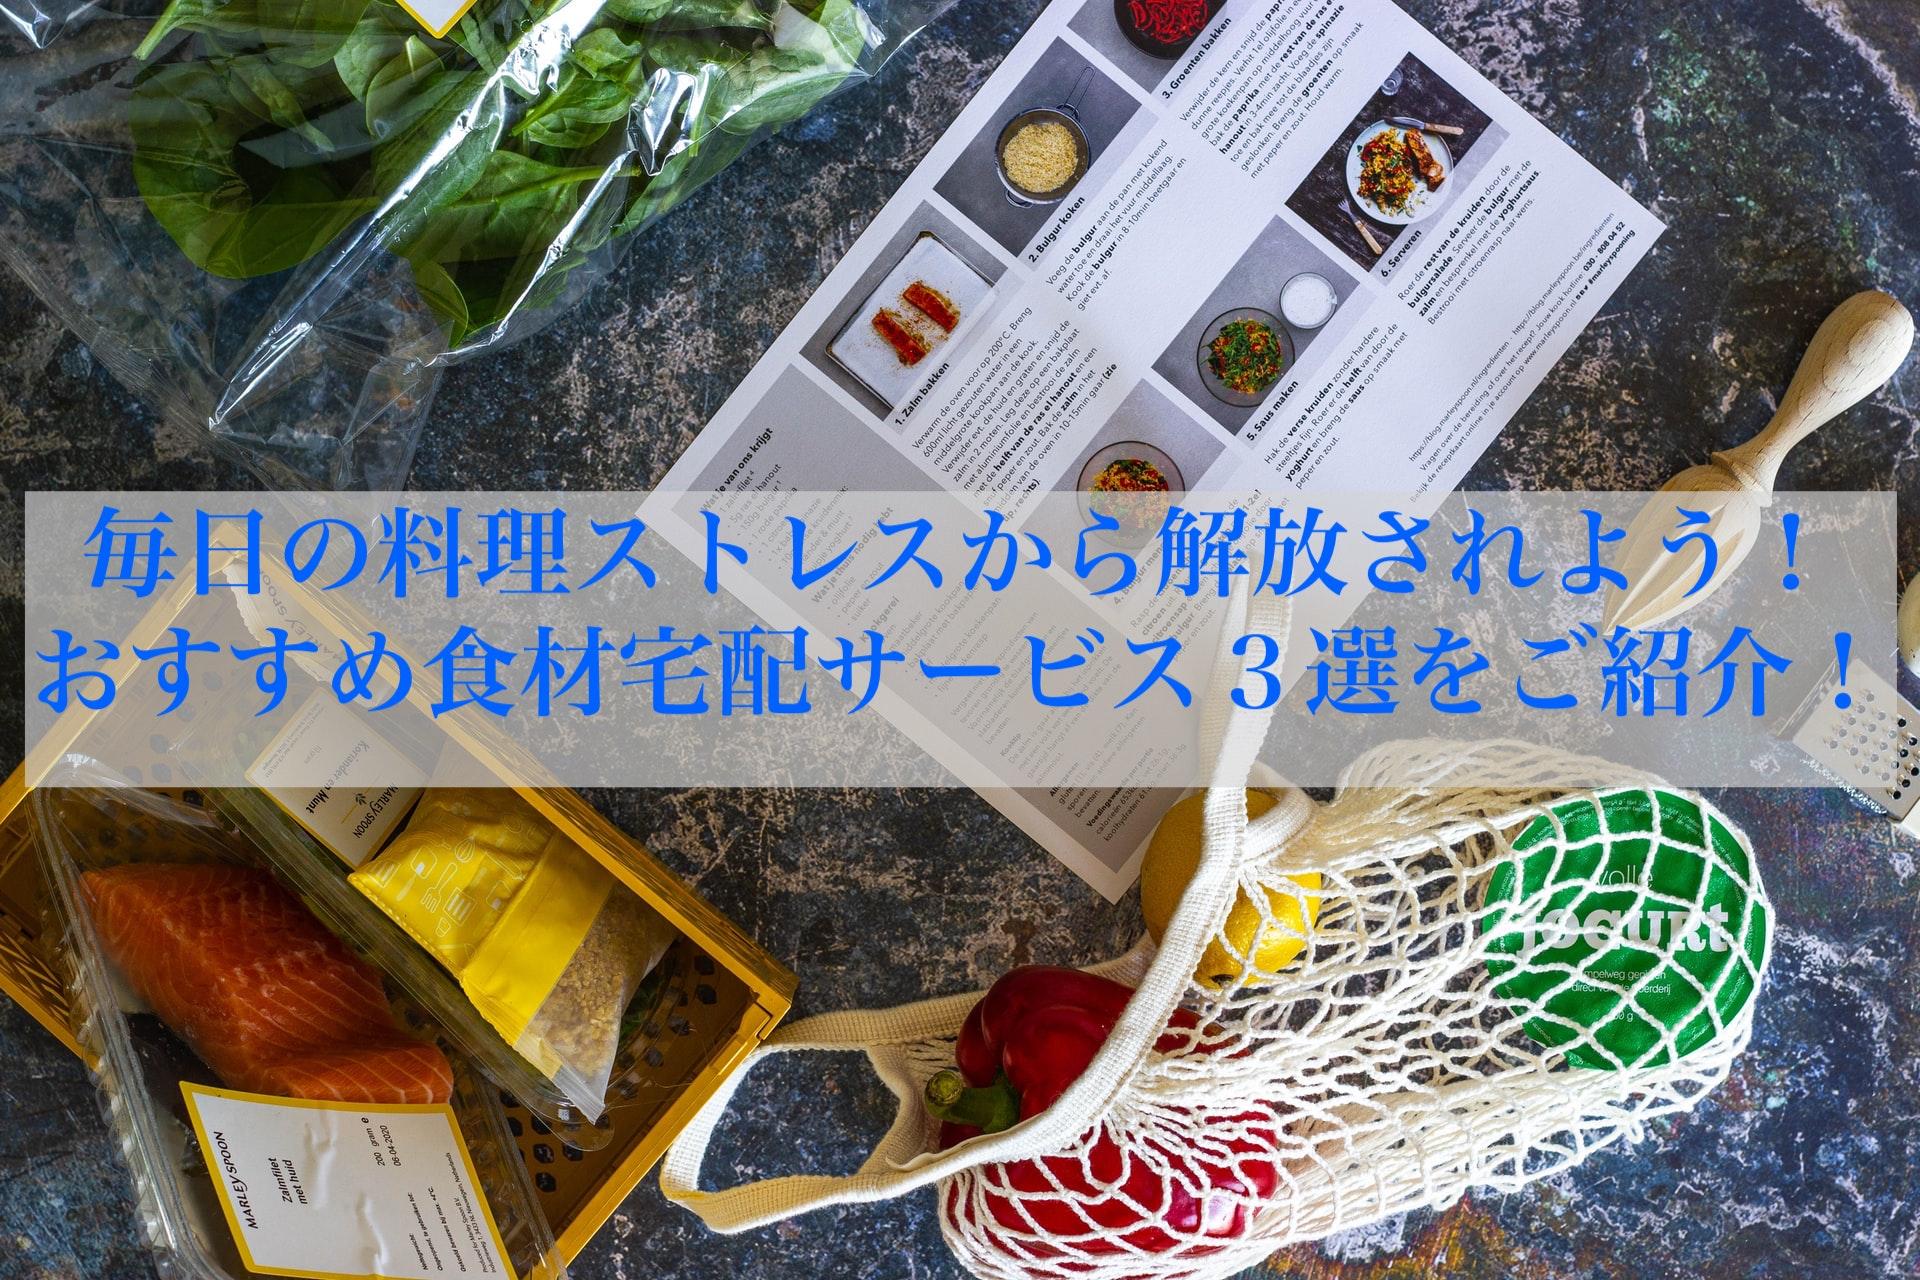 毎日の料理ストレスから解放されよう!おすすめ食材宅配サービス3選をご紹介!